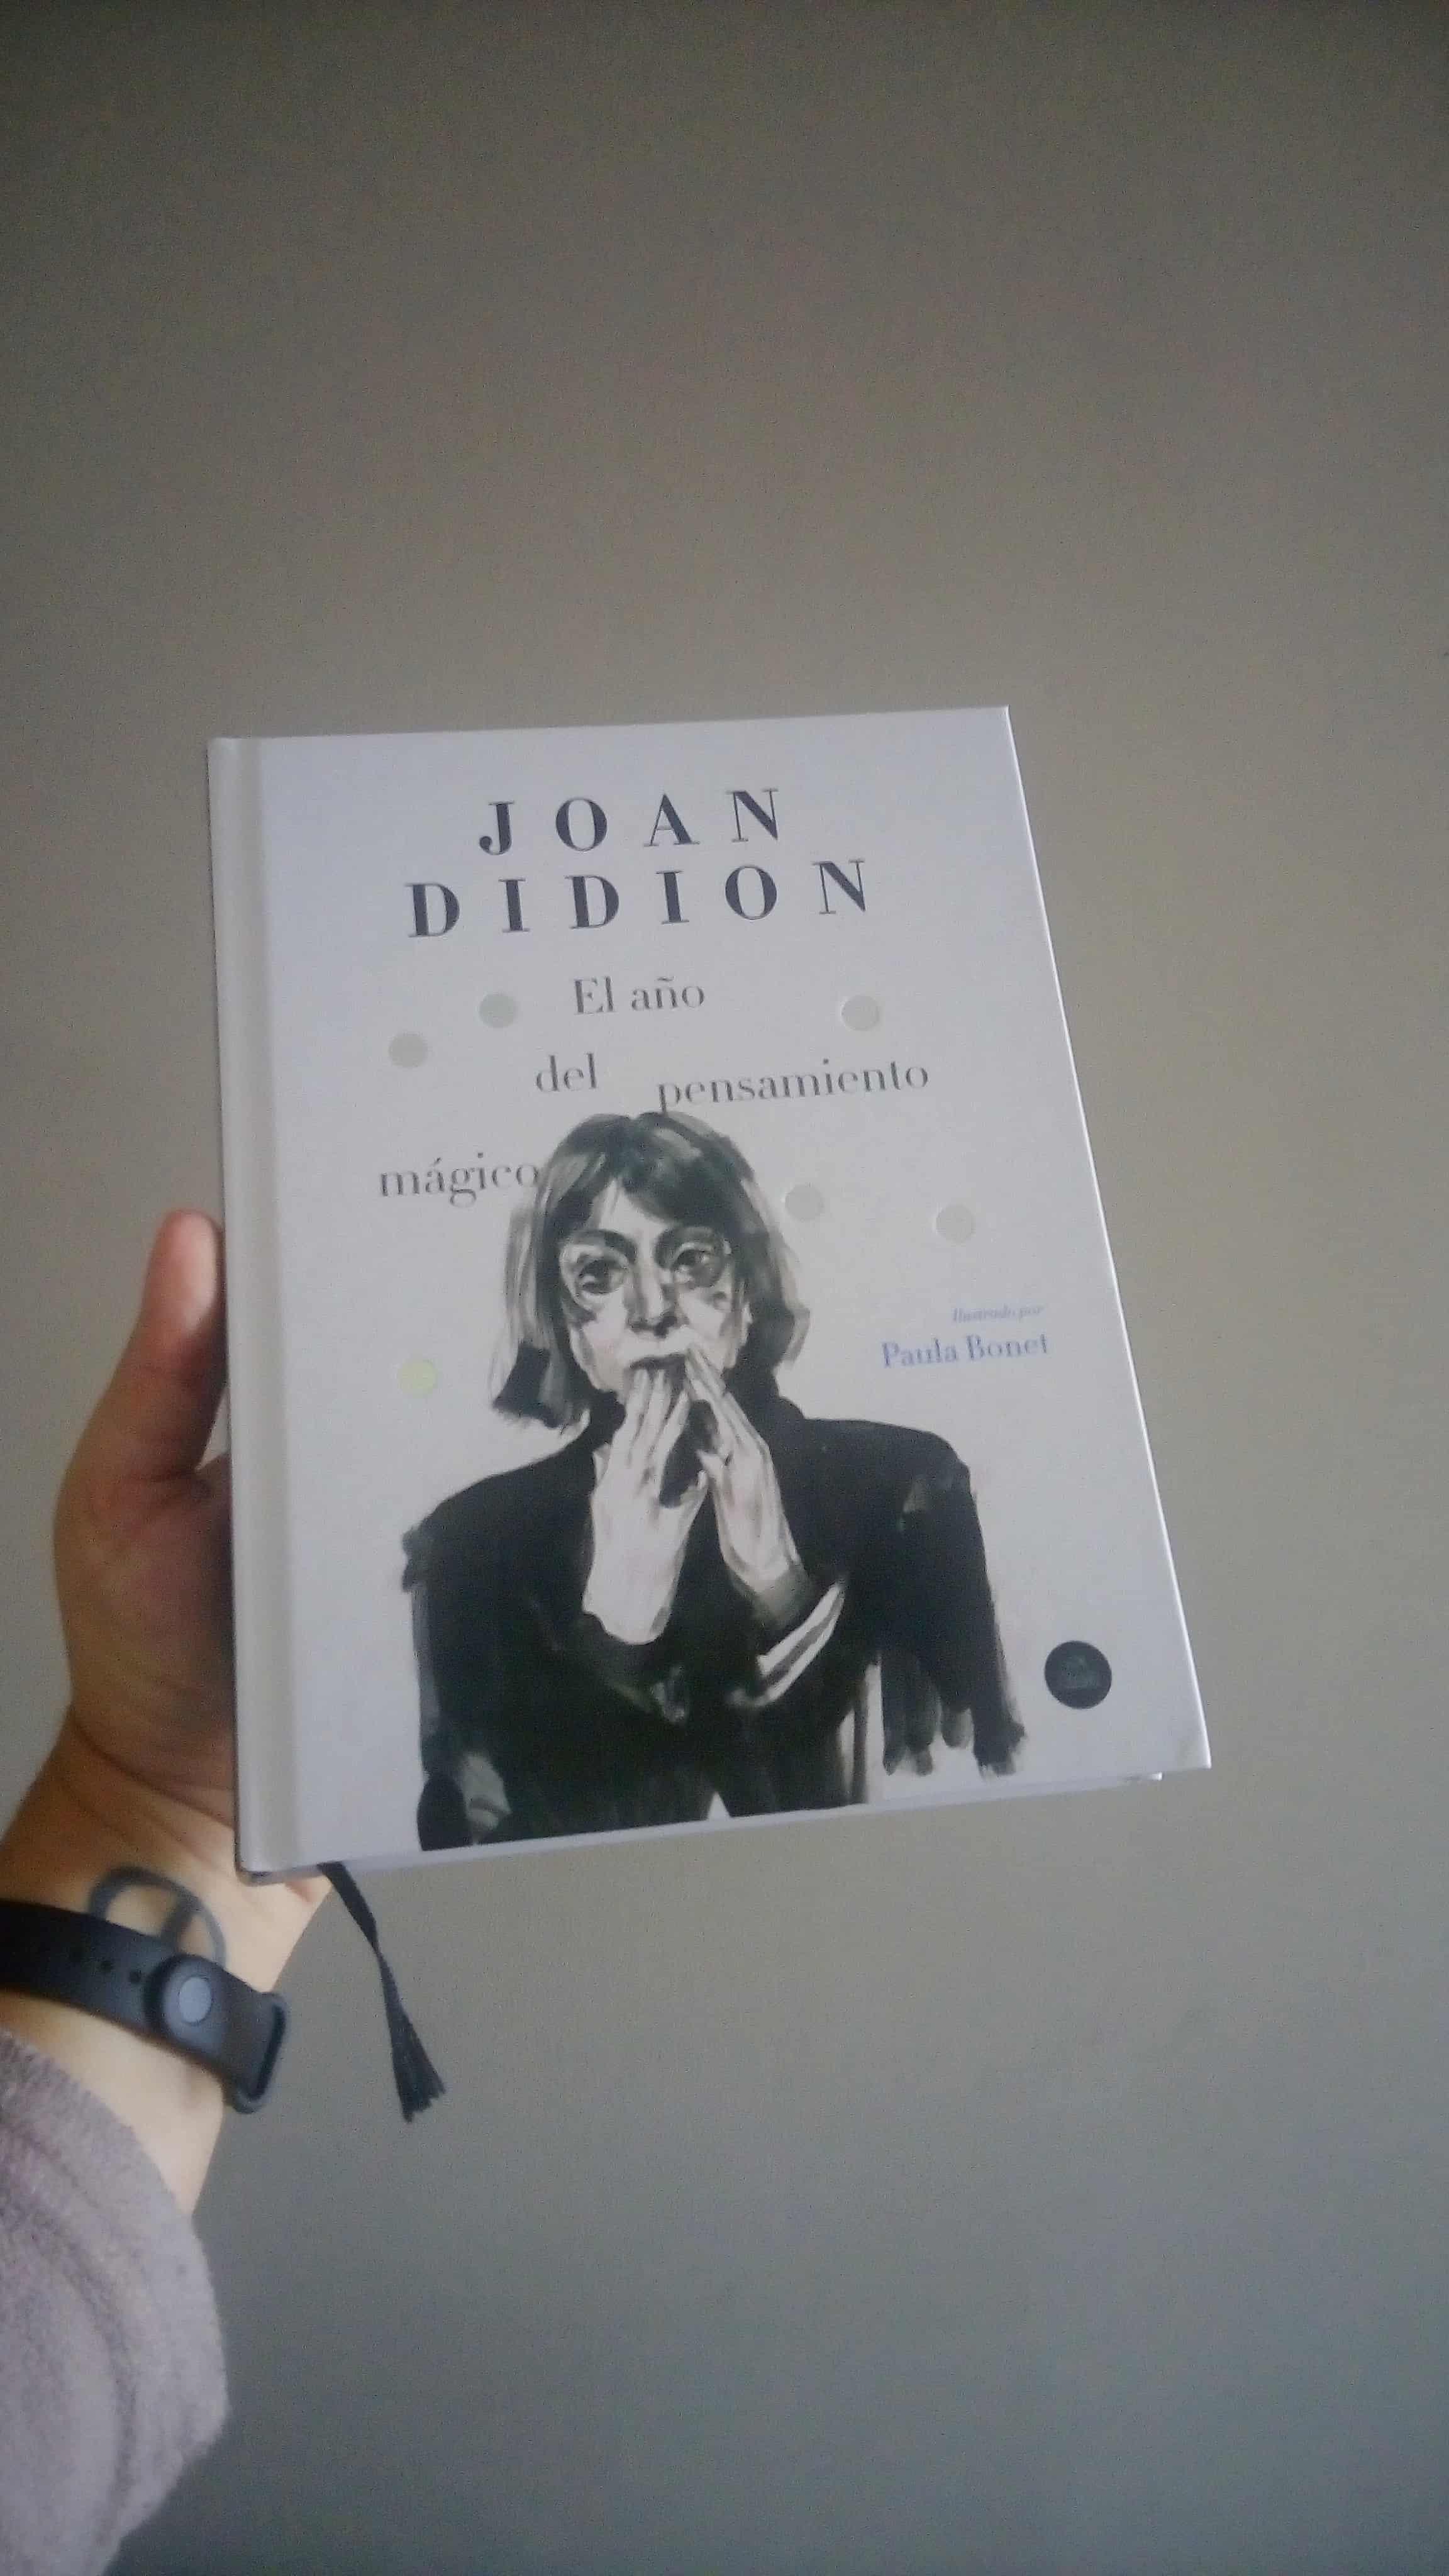 EL AÑO DEL PENSAMIENTO MÁGICO, de Joan Didion.